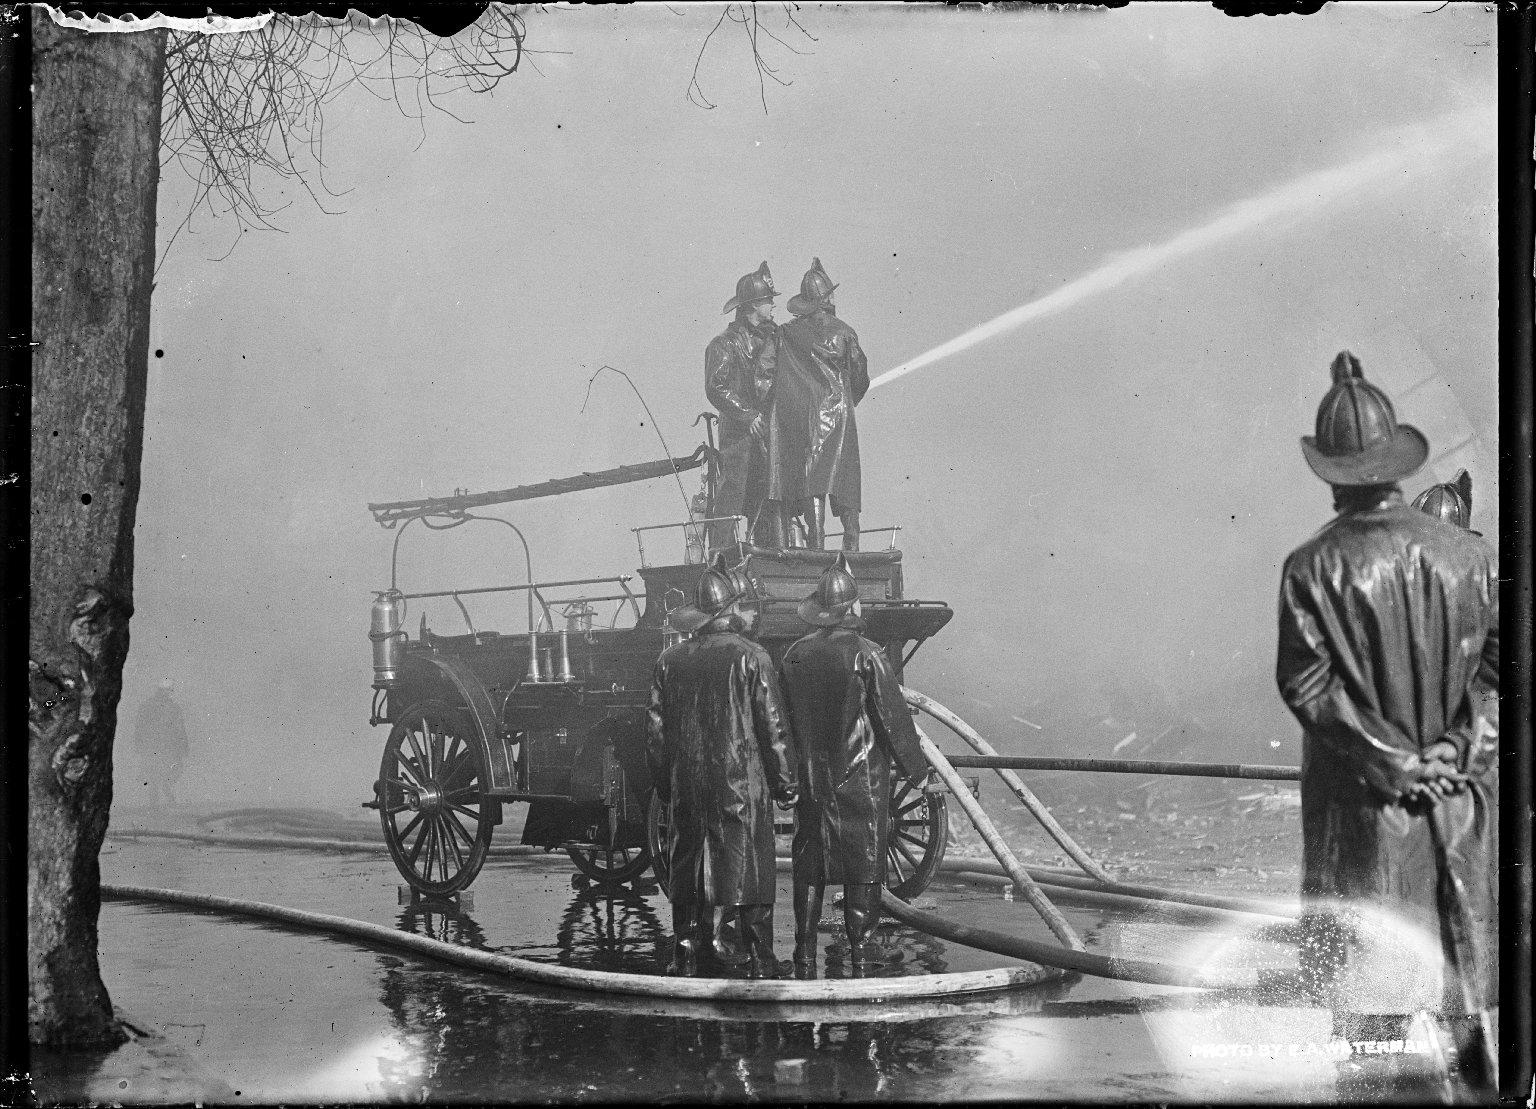 Тушение пожара с помощью насоса. Нью-Йорк, США. Начало 20 века